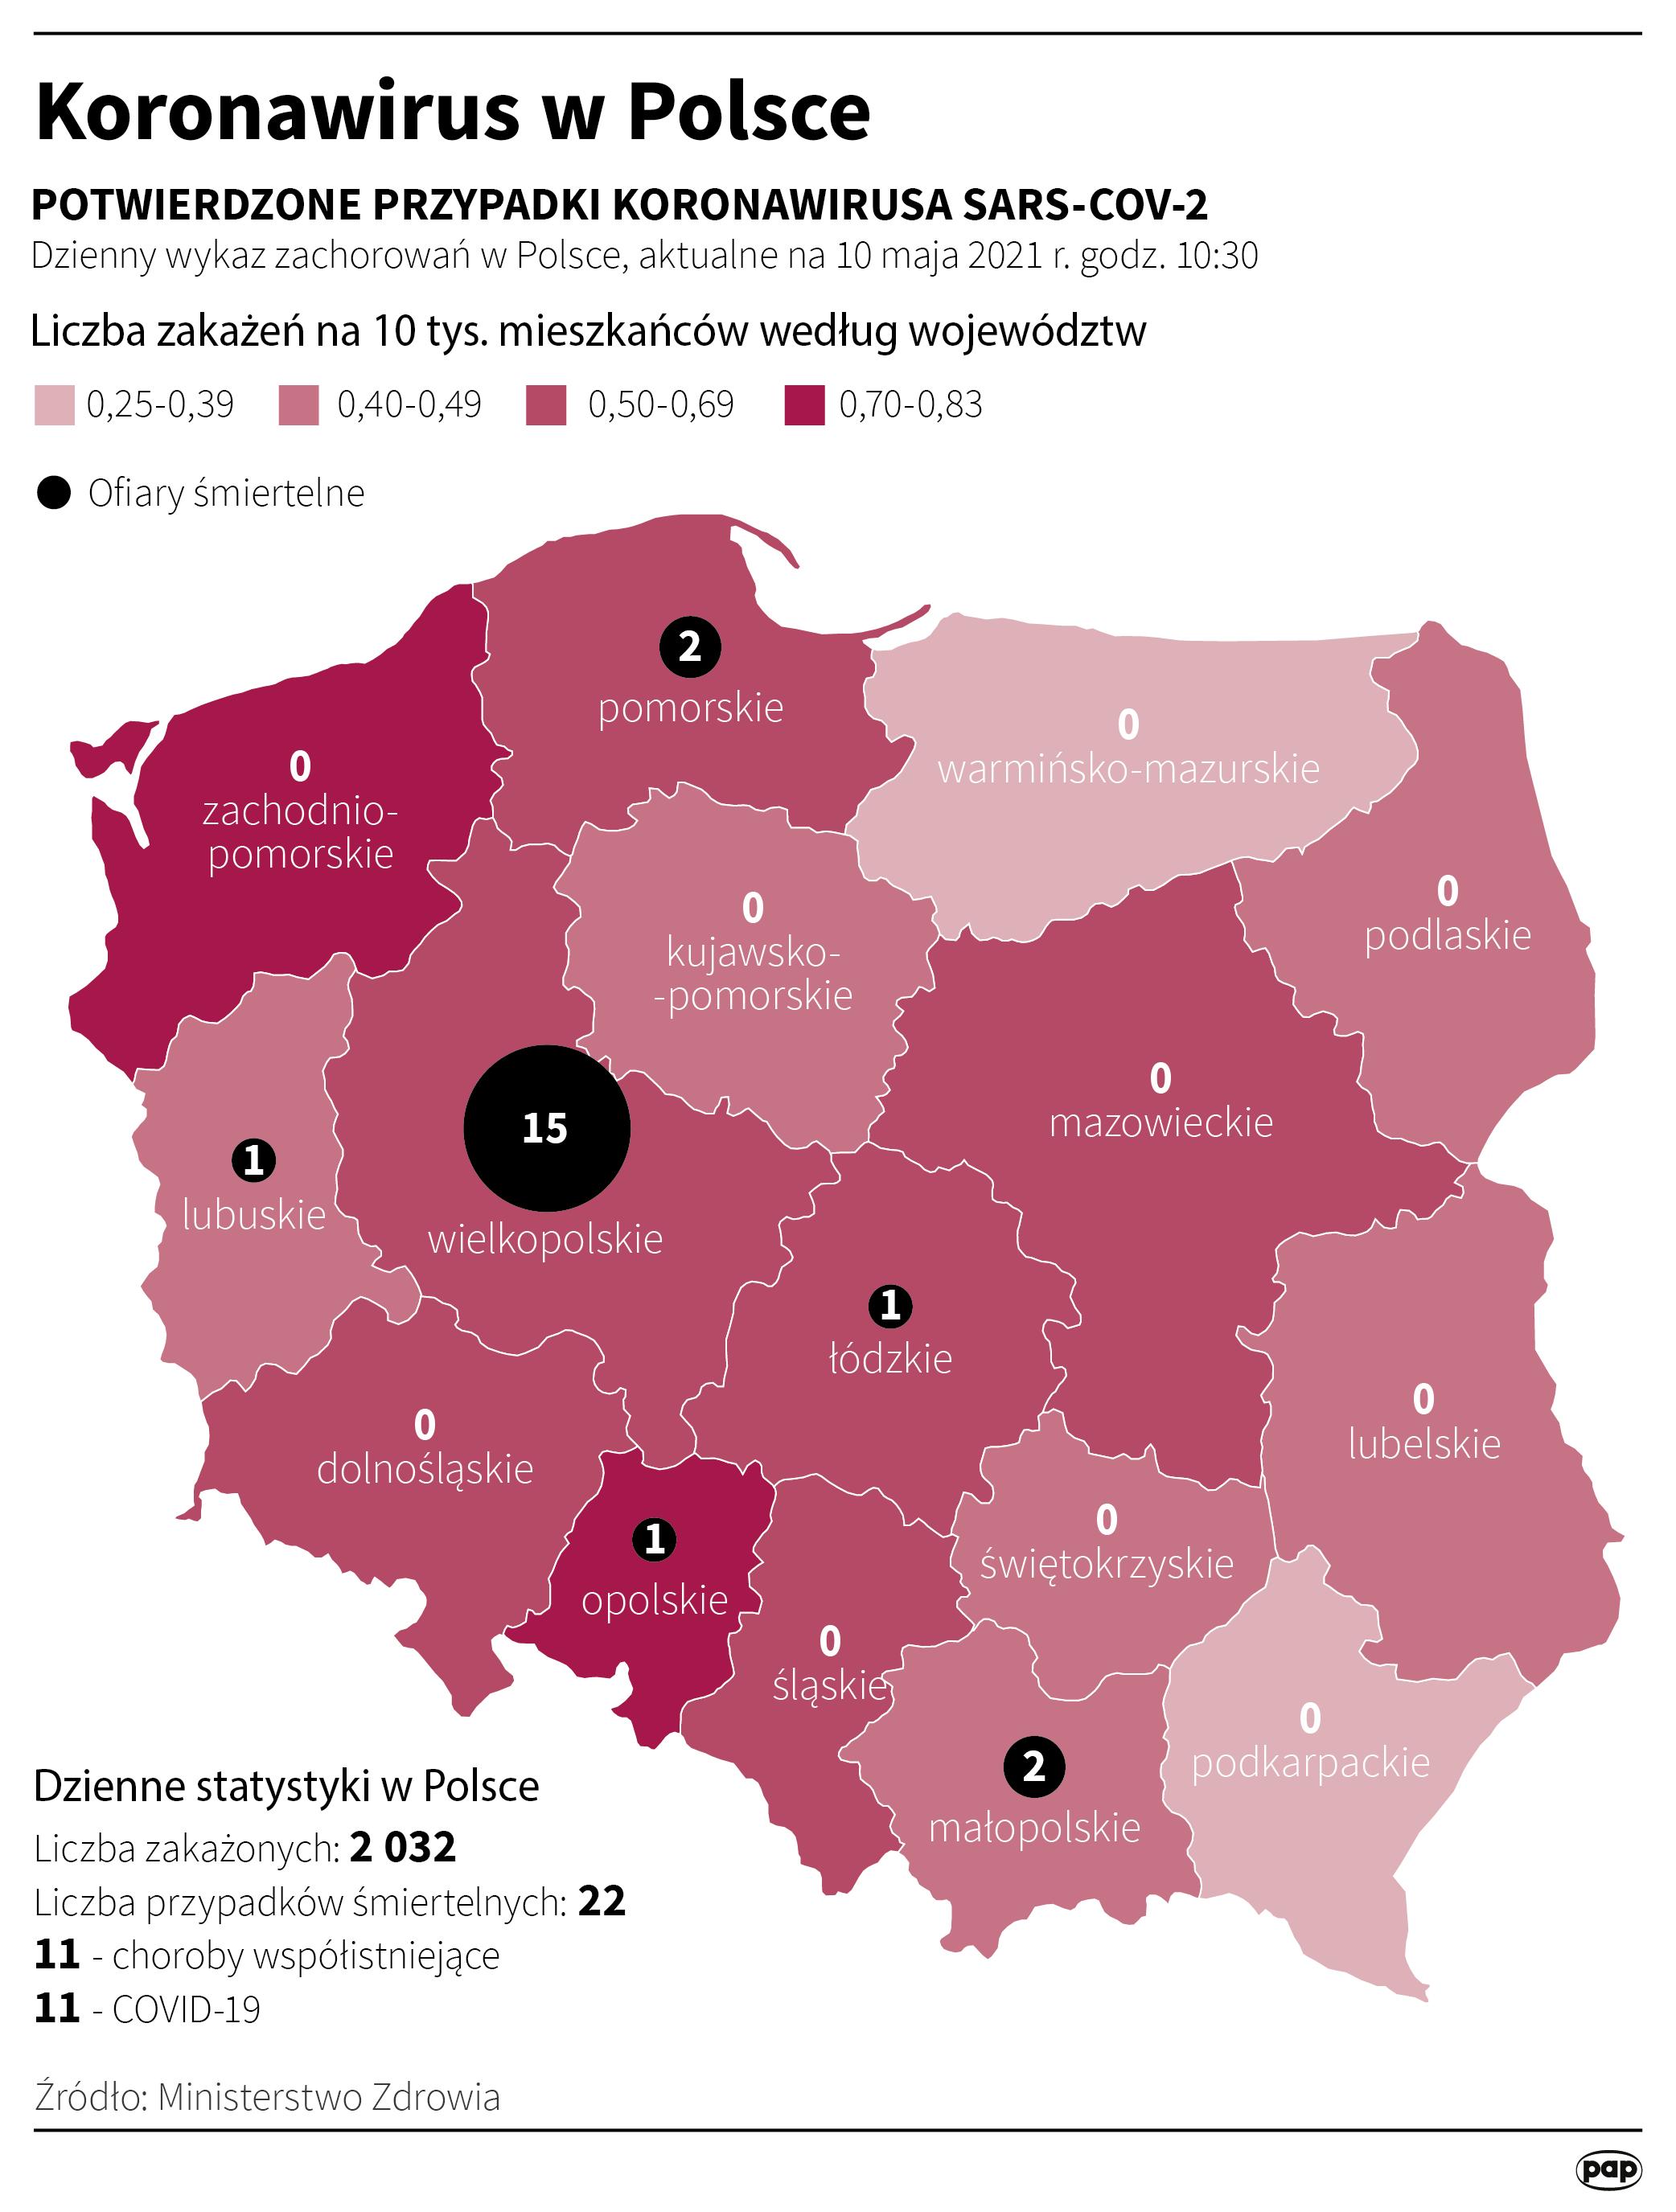 Koronawirus w Polsce - stan na 10 maja [Autor: Maciej Zieliński, źródło: PAP]